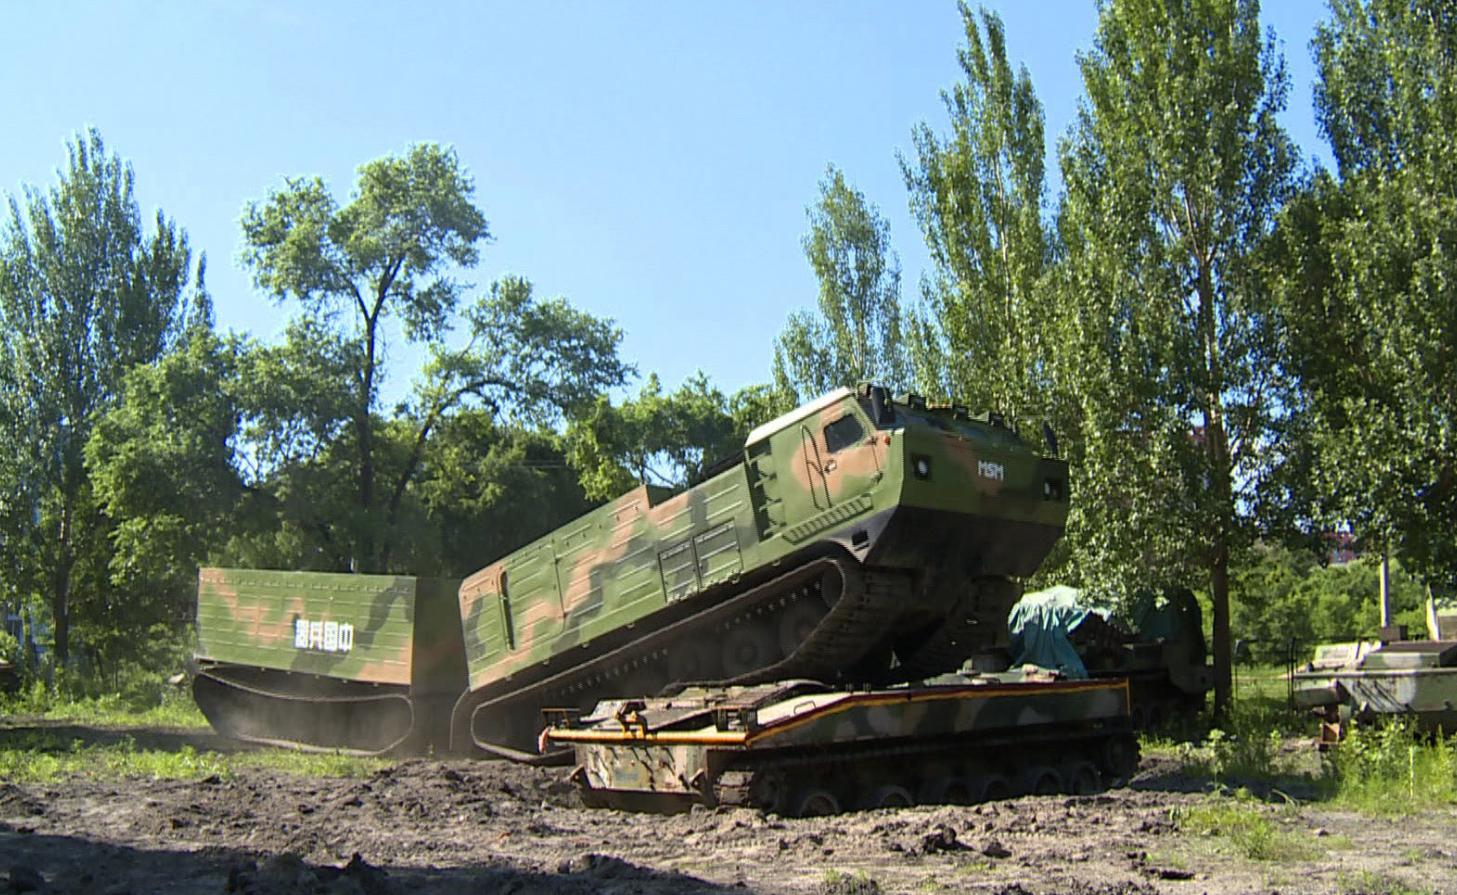 我国新型全地形车外观酷似俄罗斯的DT-30P,俄军迷:山寨的